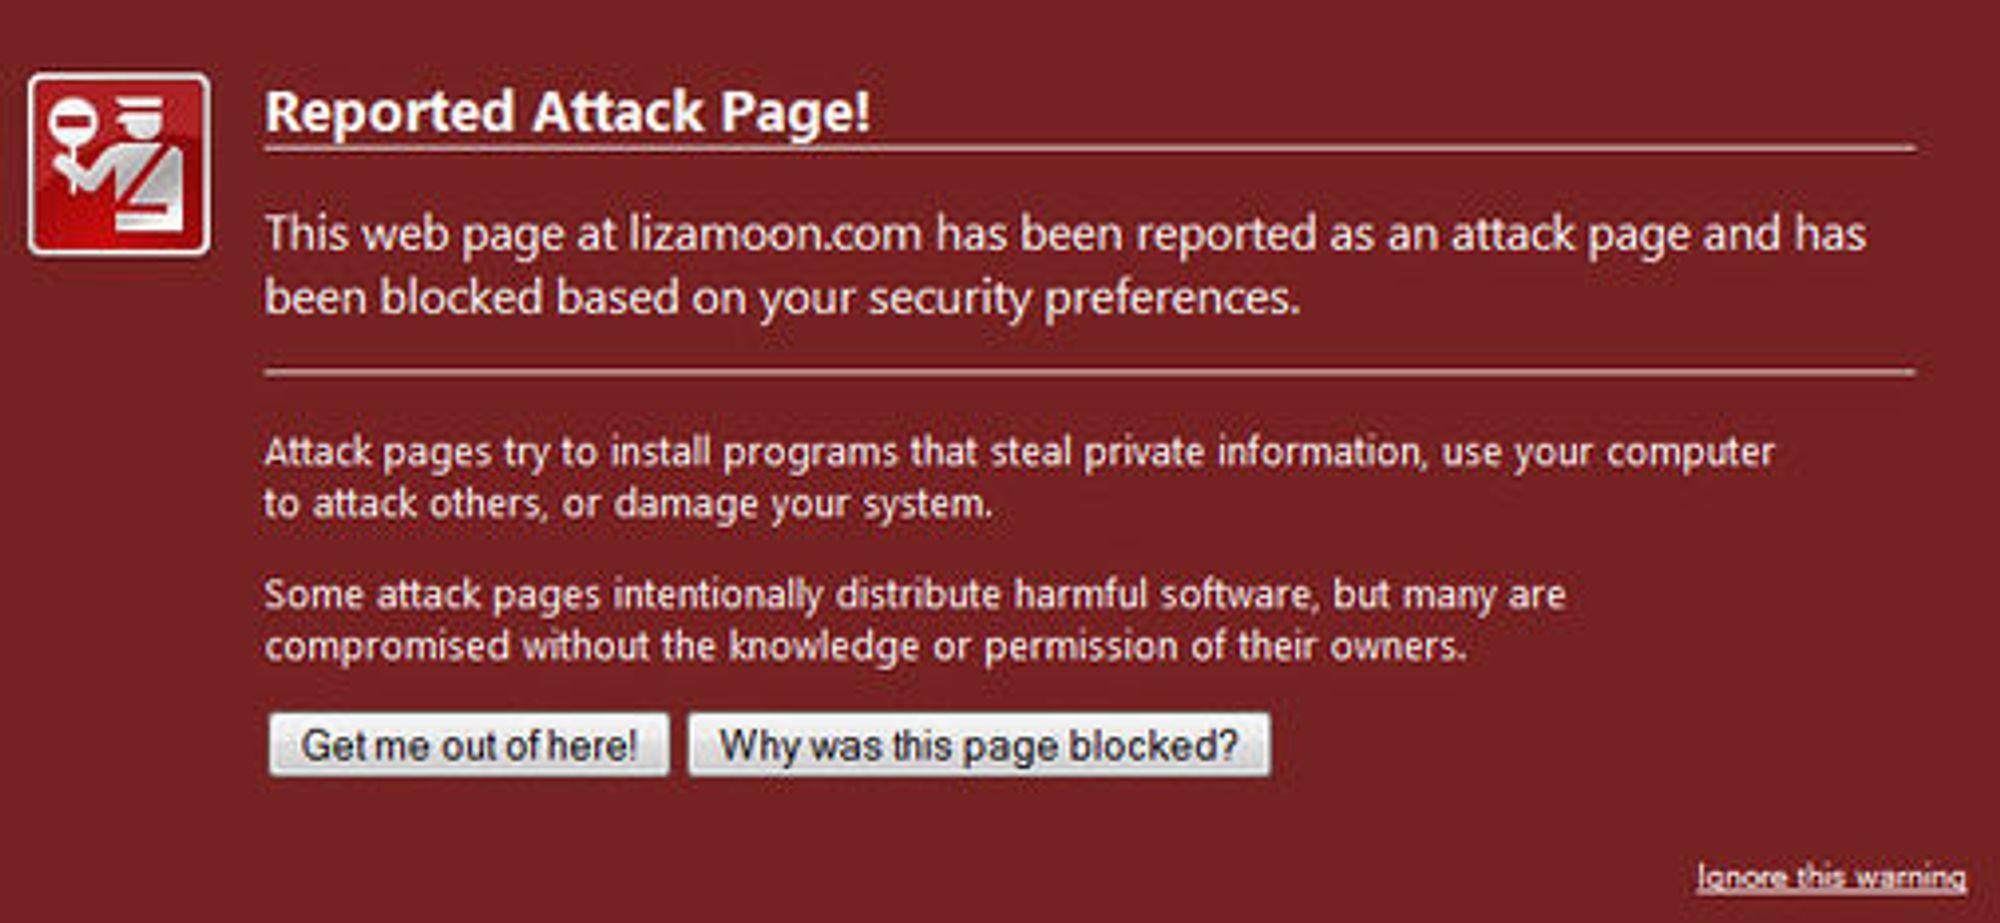 Varsel om kjente angrepssider i Firefox 4.